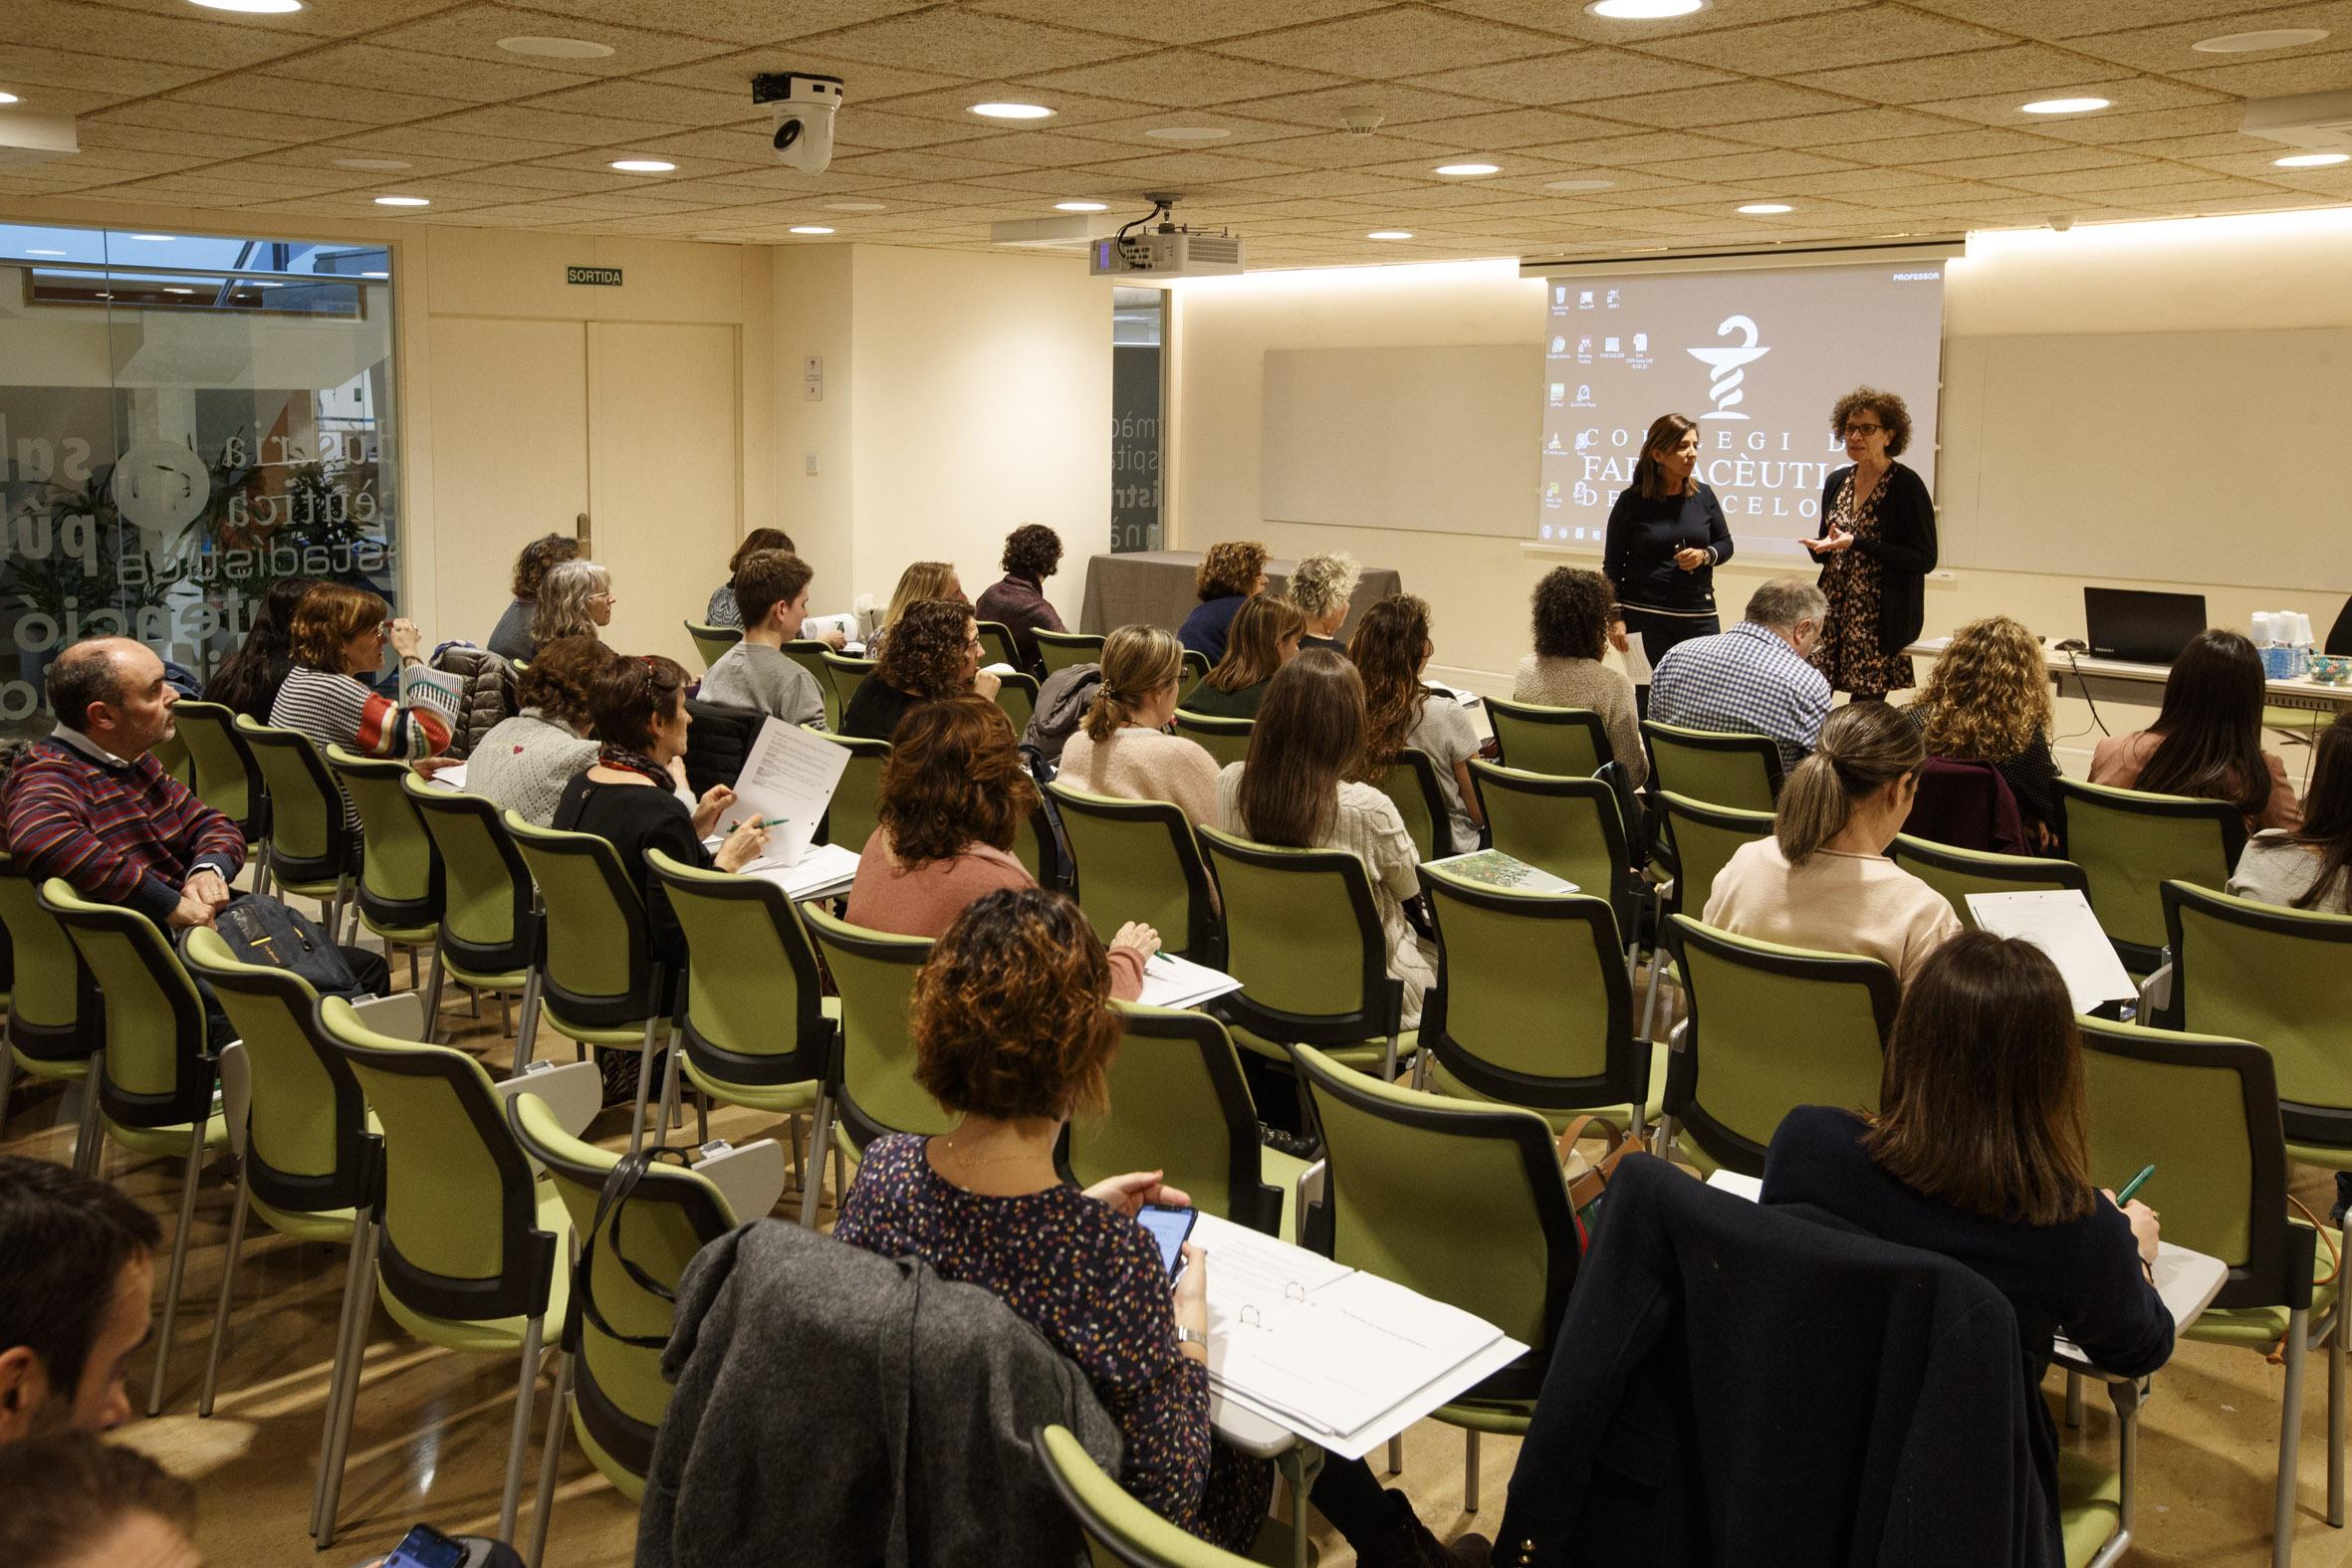 Un moment de presentació de la formació, a càrrec de Cristina Roure, vocal d'Hospitals del Col·legi de Farmacèutics de Barcelona i M. Teresa Dordal Culla, presidenta de la Societat Catalana d'Al·lèrgia i Immunologia Clínica.